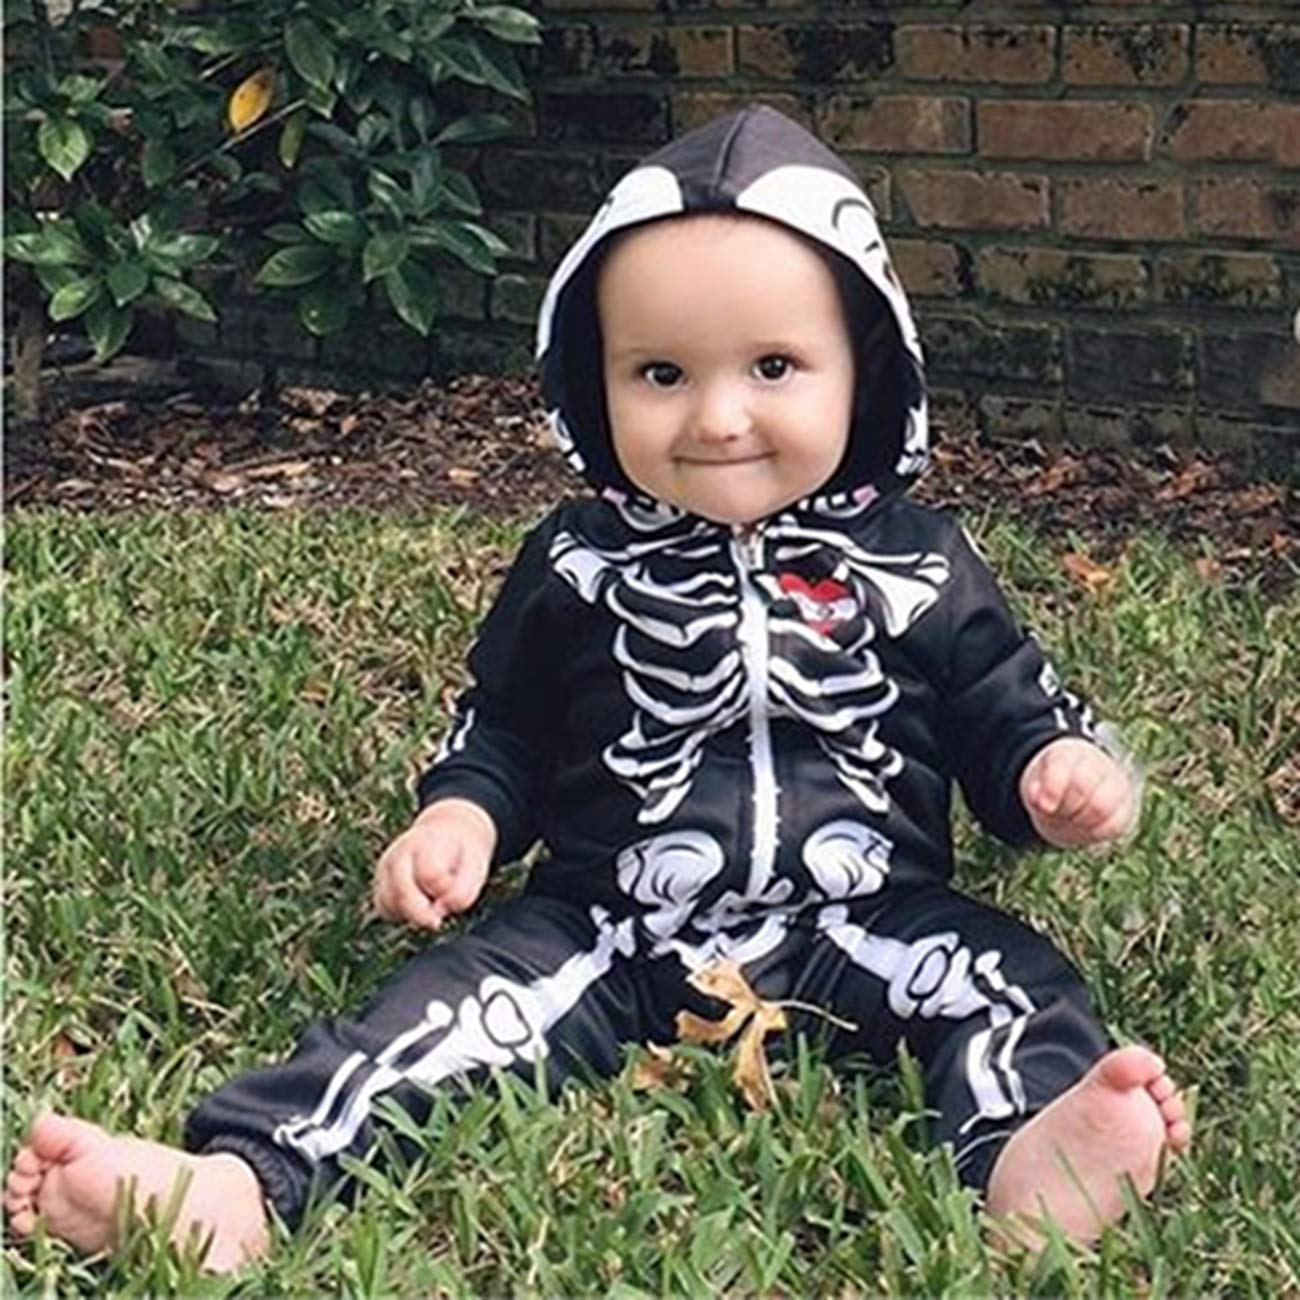 SERAPHY Unisexe Halloween v/êtements de b/éb/é /à Capuche b/éb/é gar/çon Barboteuse b/éb/é Fille Squelette Cosplay Costume avec Fermetures /à glissi/ère Chaude b/éb/é Robe Polaire